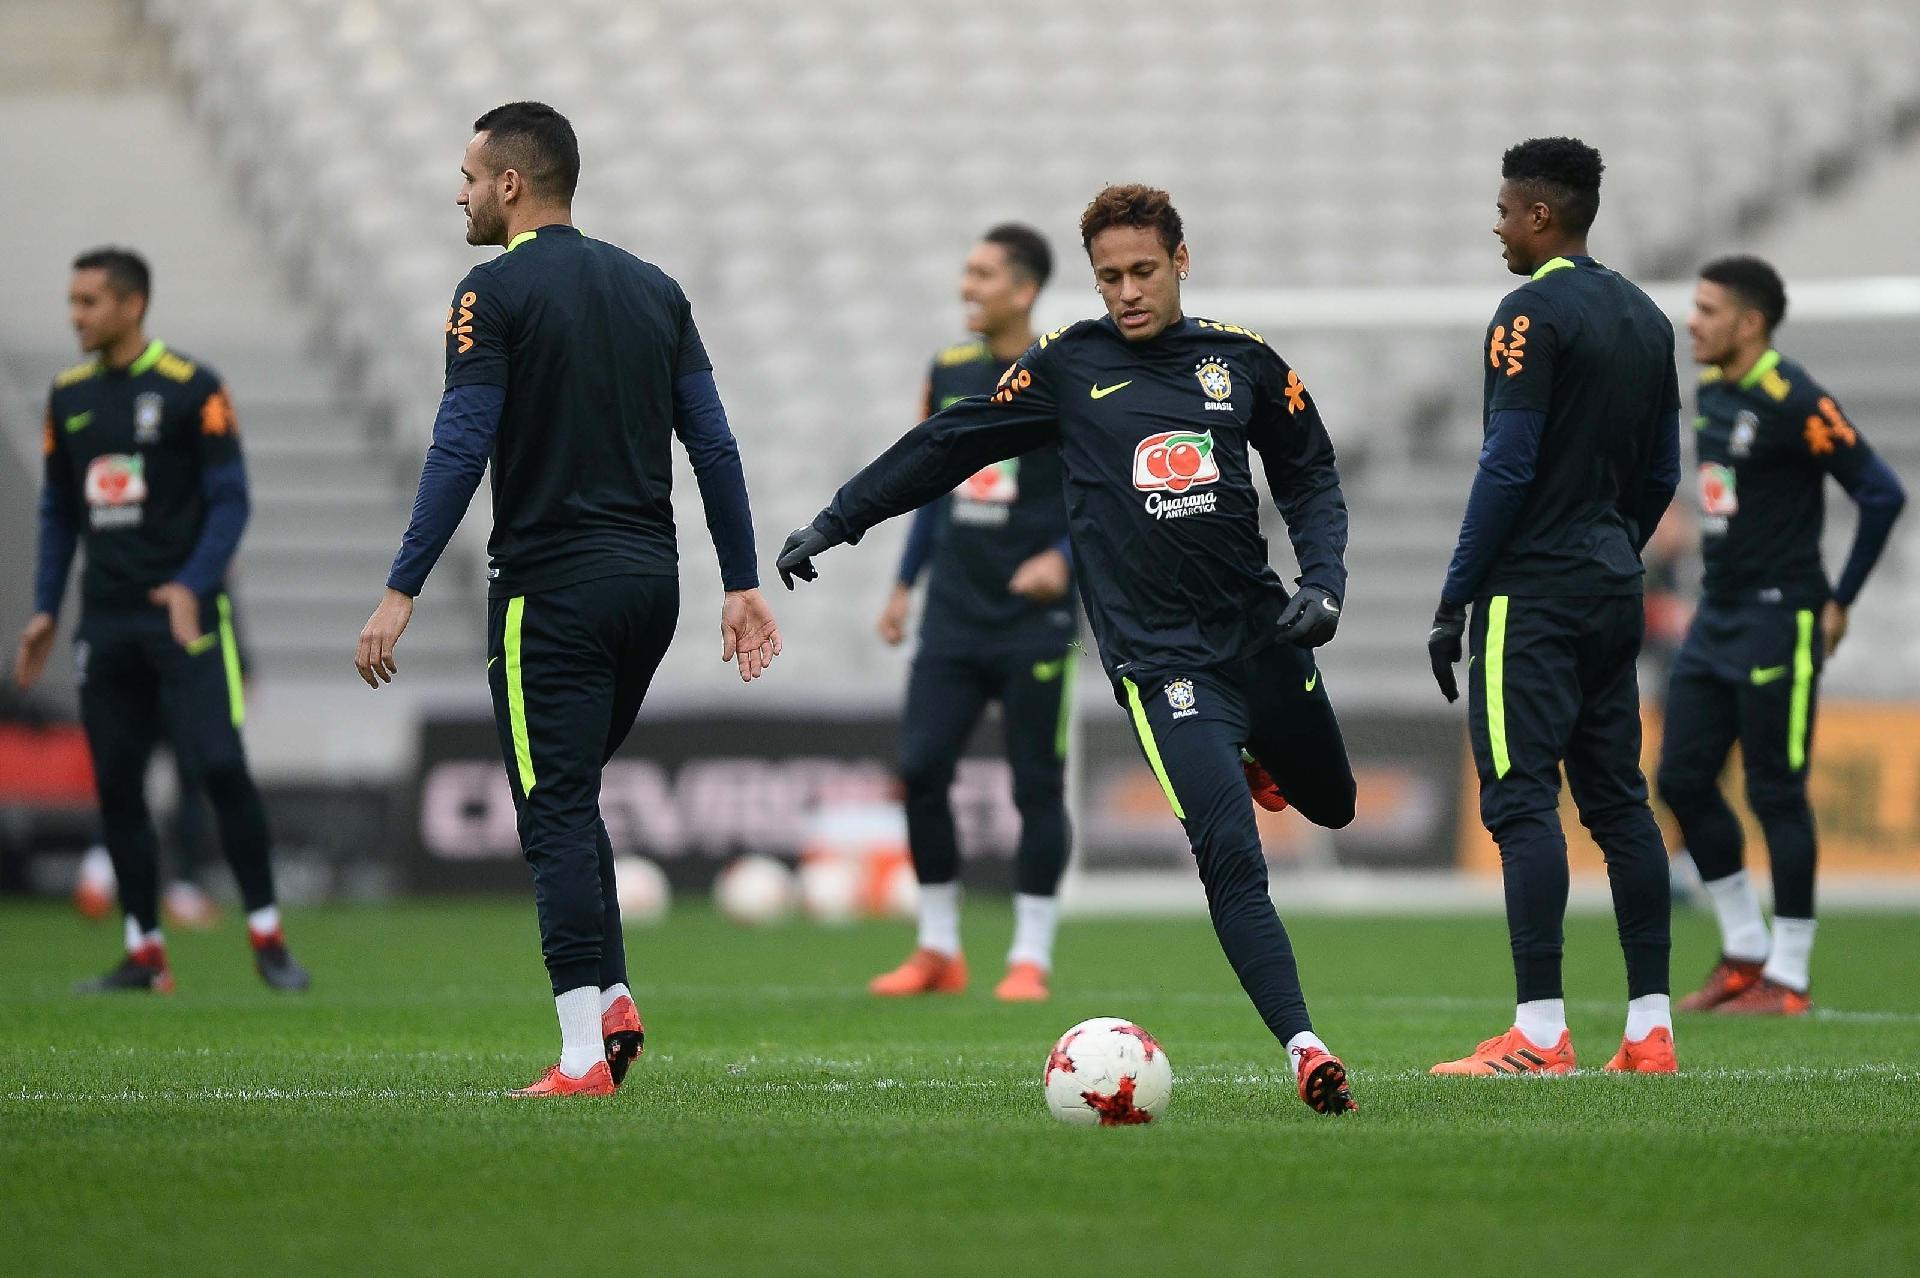 Patrocinadores da CBF se incomodam por não poderem usar imagem de Neymar -  21 02 2018 - UOL Esporte 9e62f6db63c48